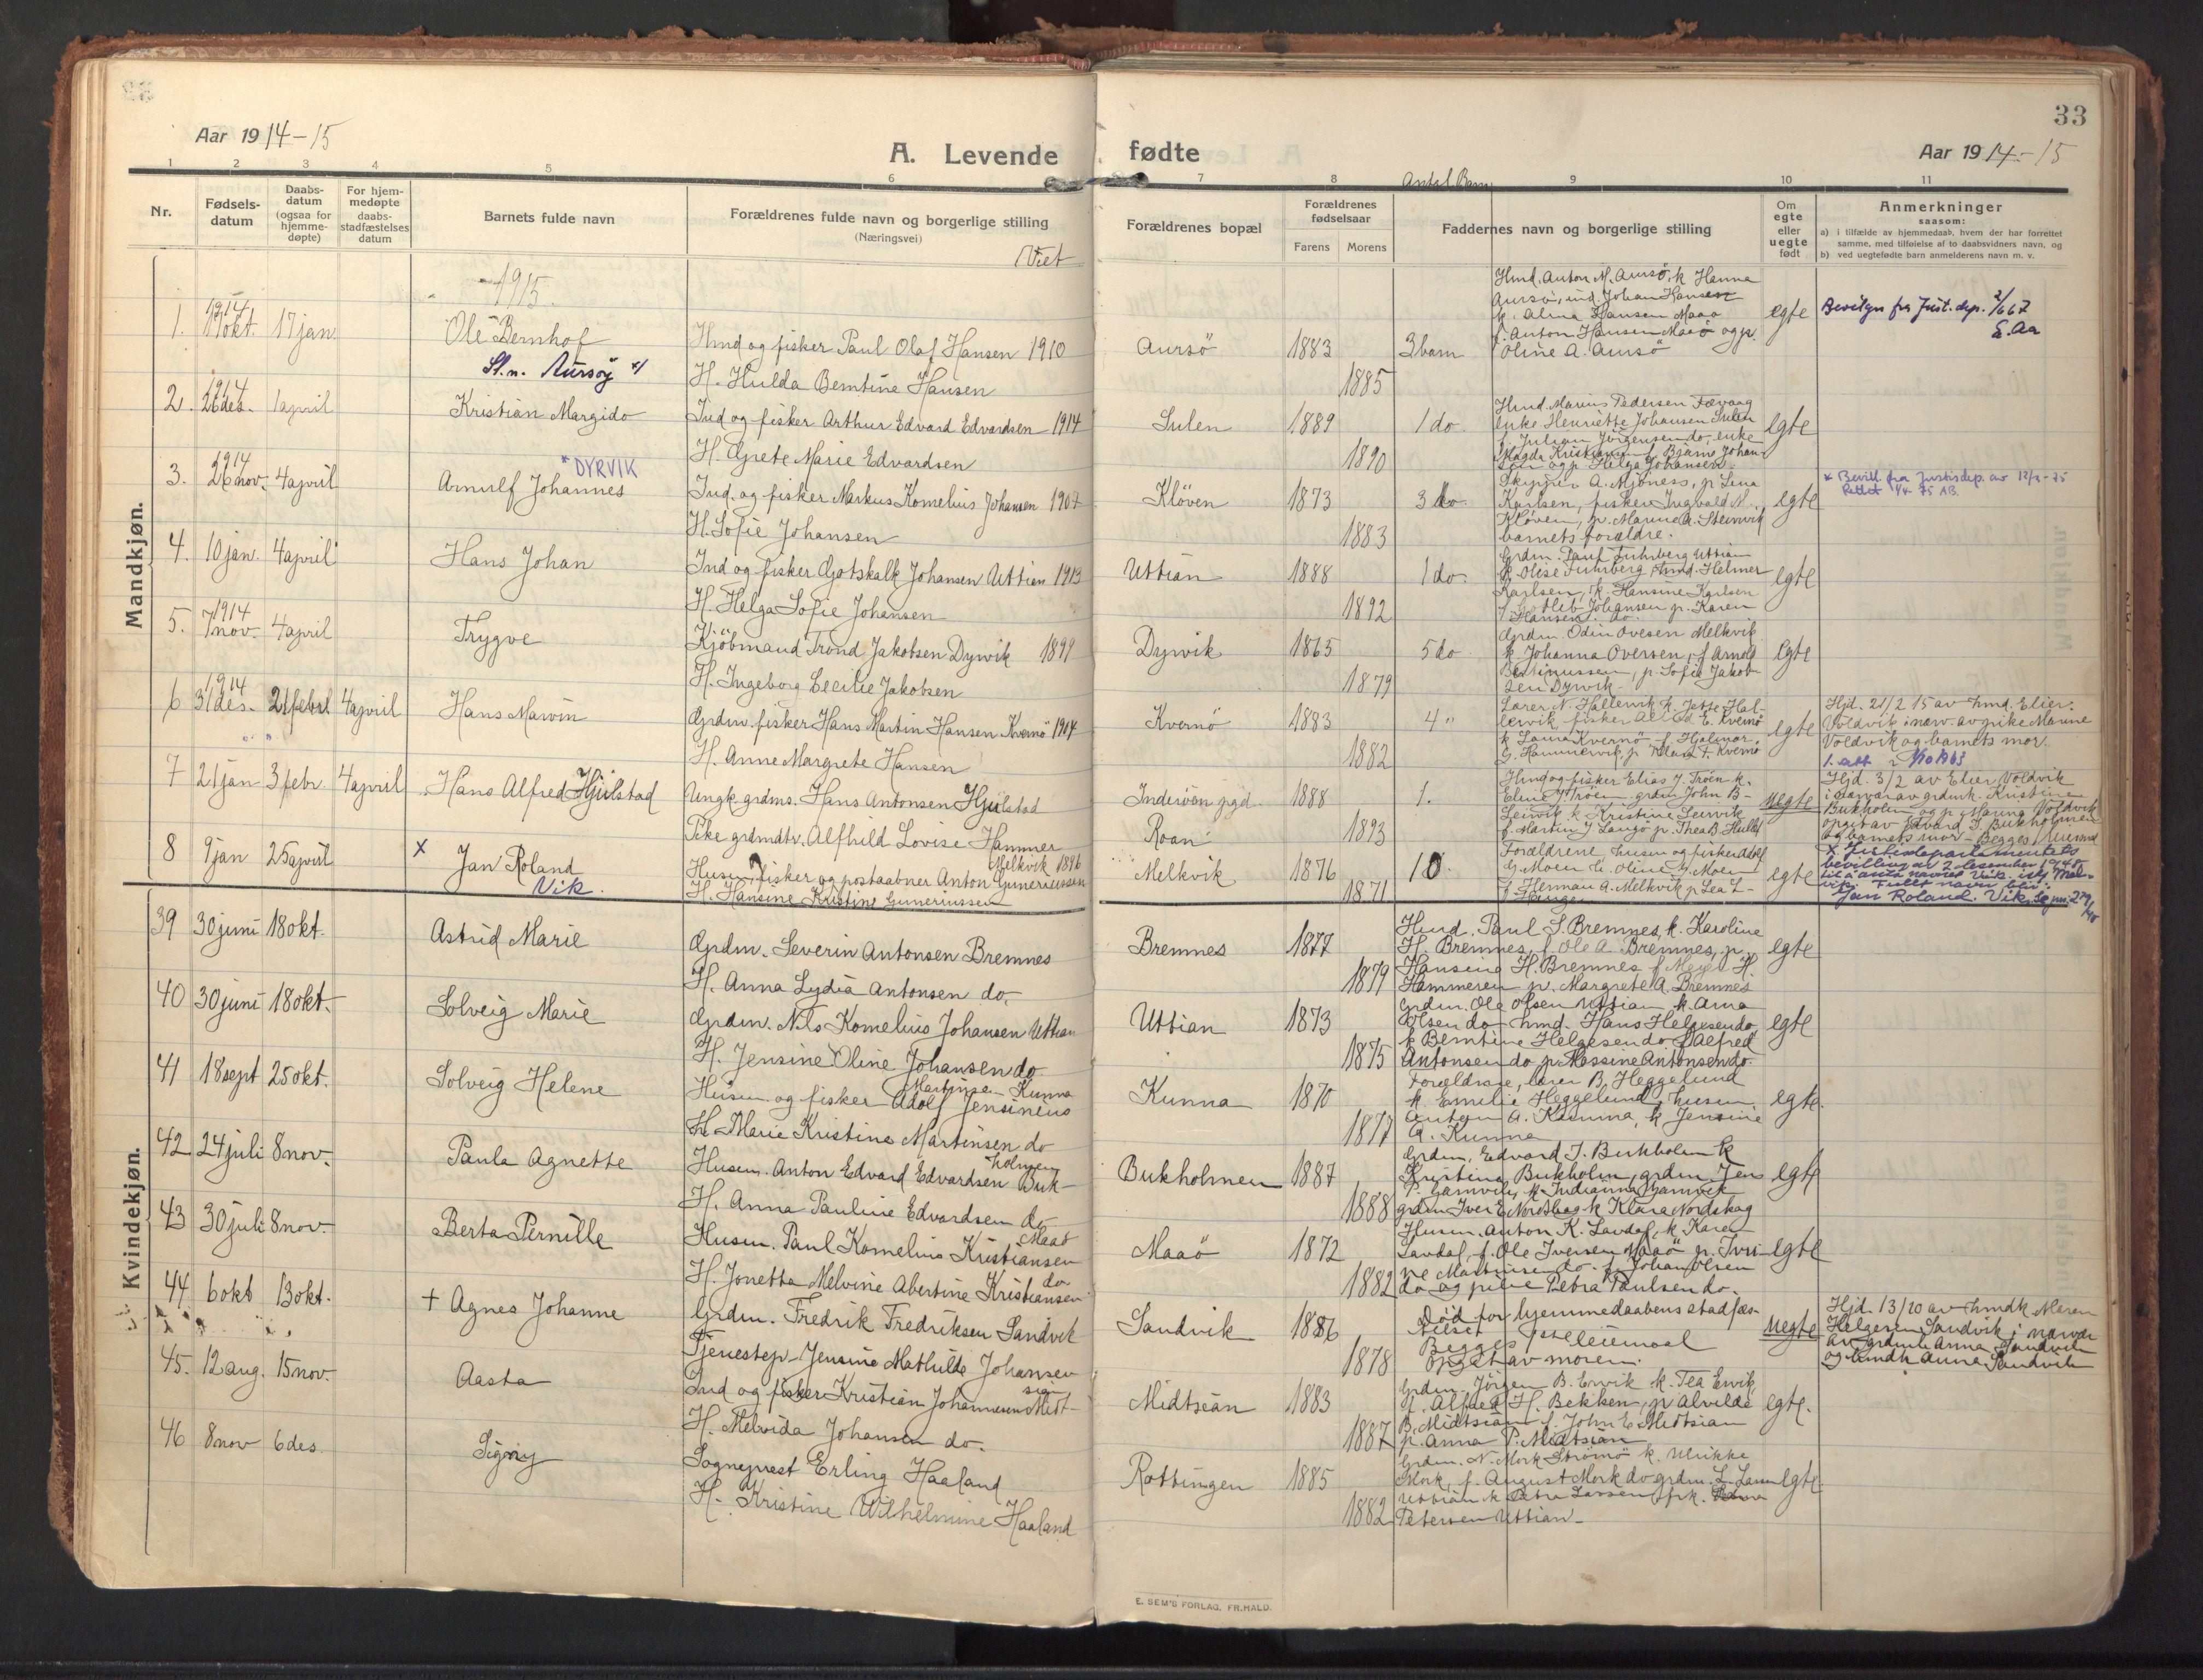 SAT, Ministerialprotokoller, klokkerbøker og fødselsregistre - Sør-Trøndelag, 640/L0581: Ministerialbok nr. 640A06, 1910-1924, s. 33